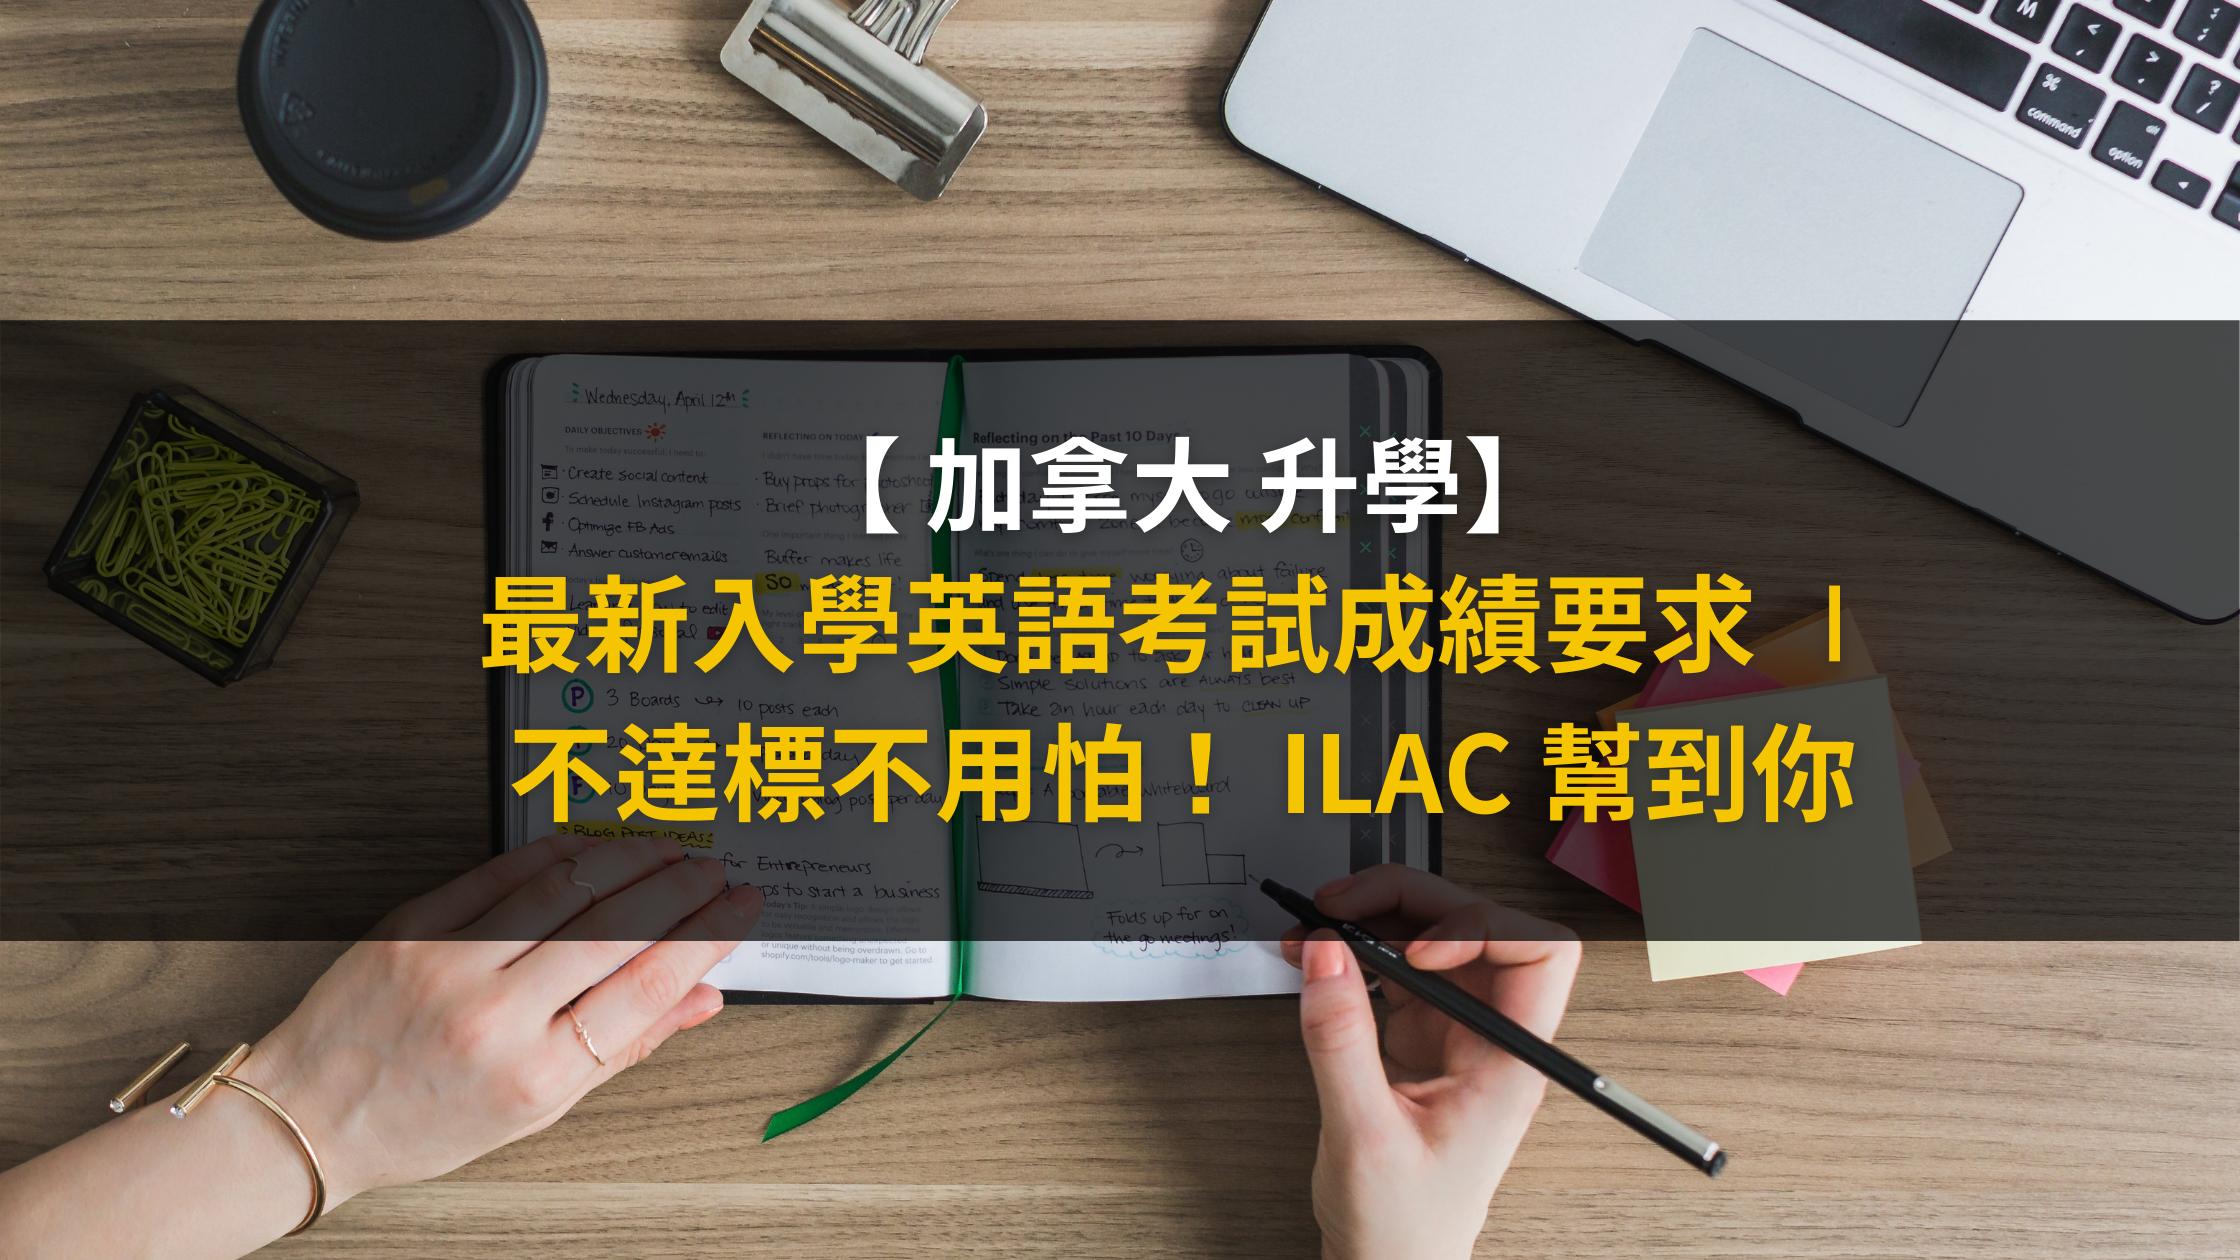 【 2021 加拿大 College入學】各大英語成績要求 ∣ 不達標不用怕! ILAC 幫到你